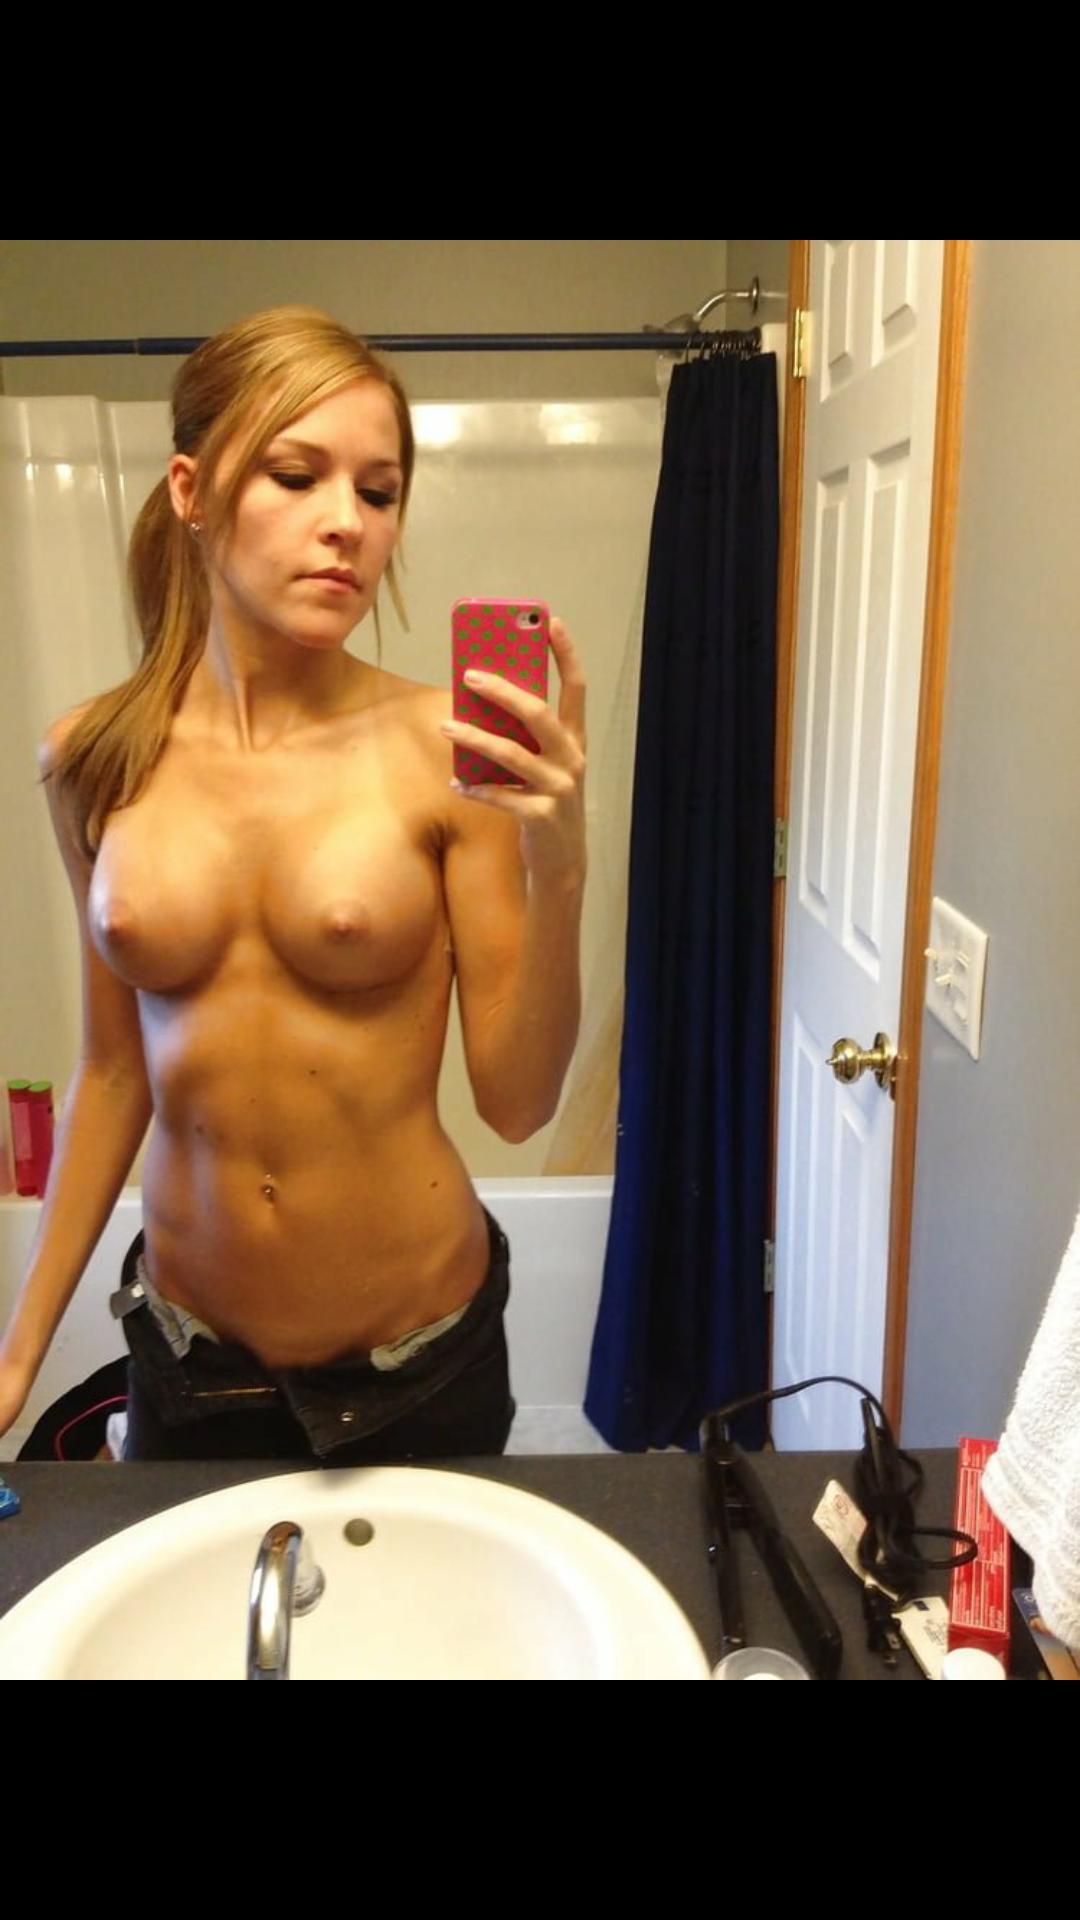 Ohio girls nude selfies